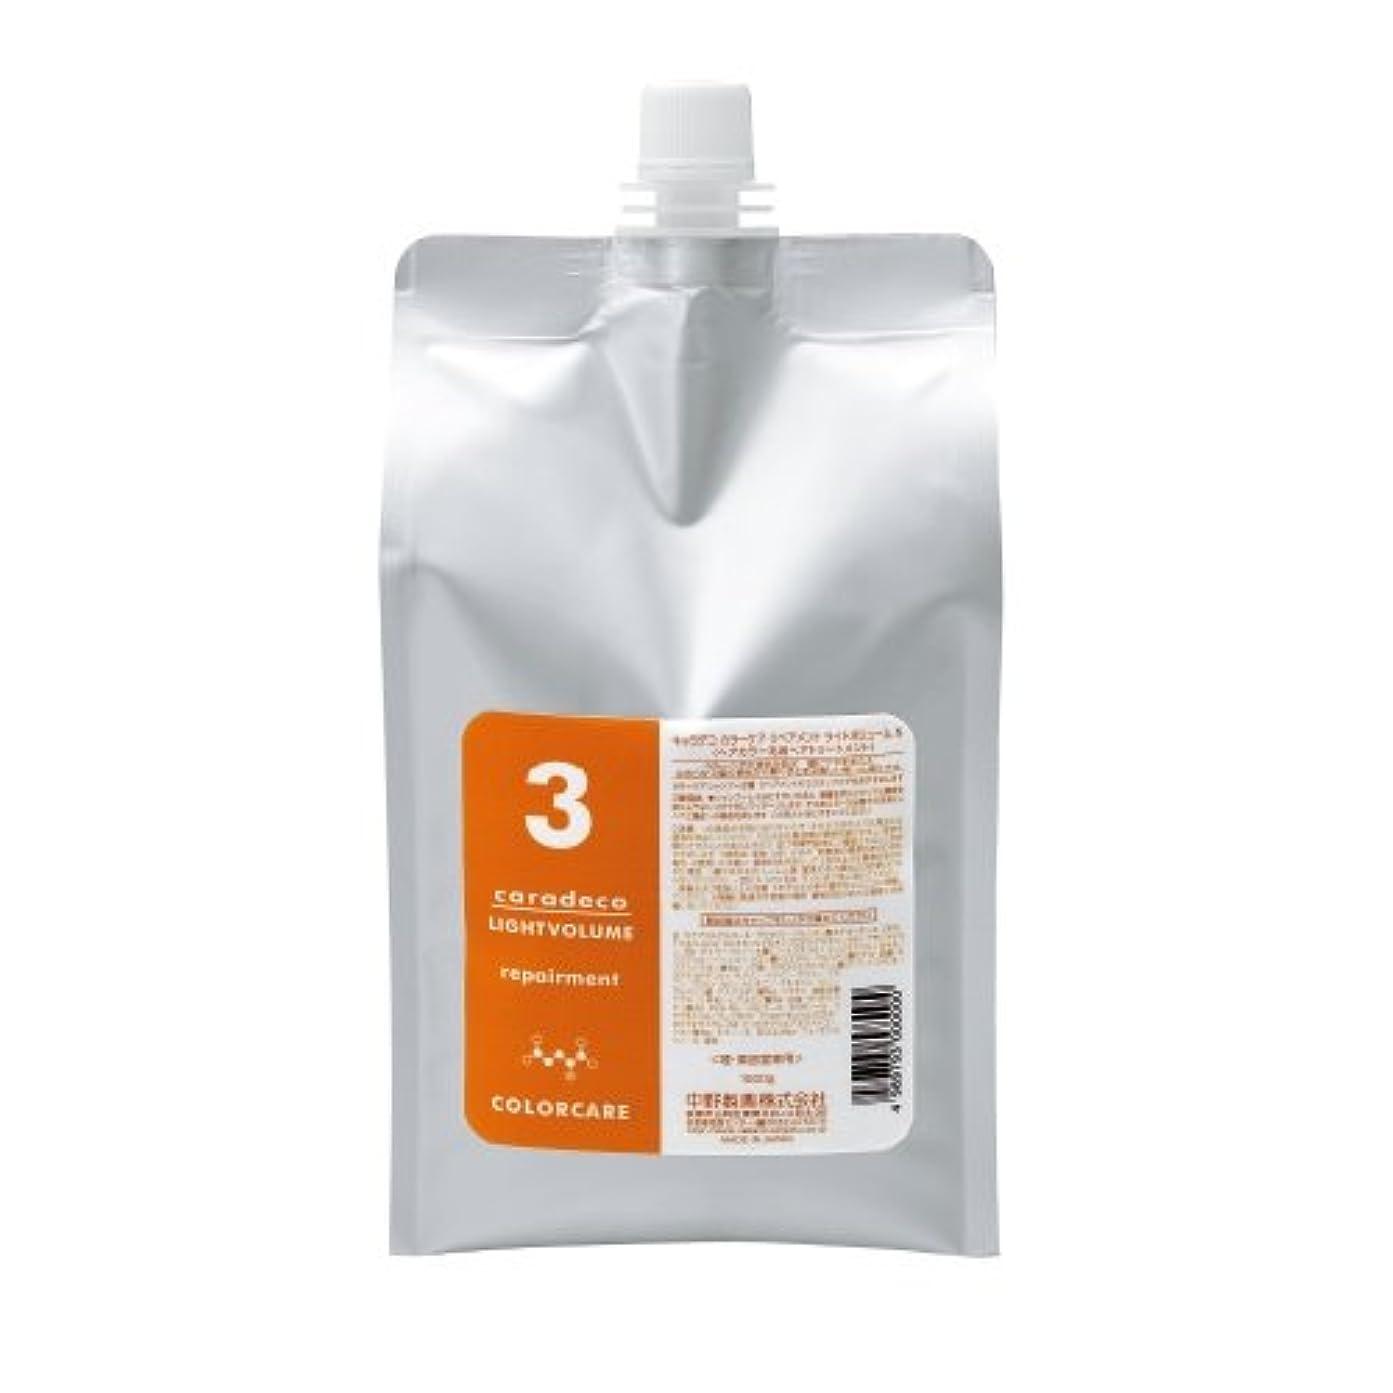 石化する凍った野生中野製薬 キャラデコ カラーケア リペアメント ライトボリュームN 1500g